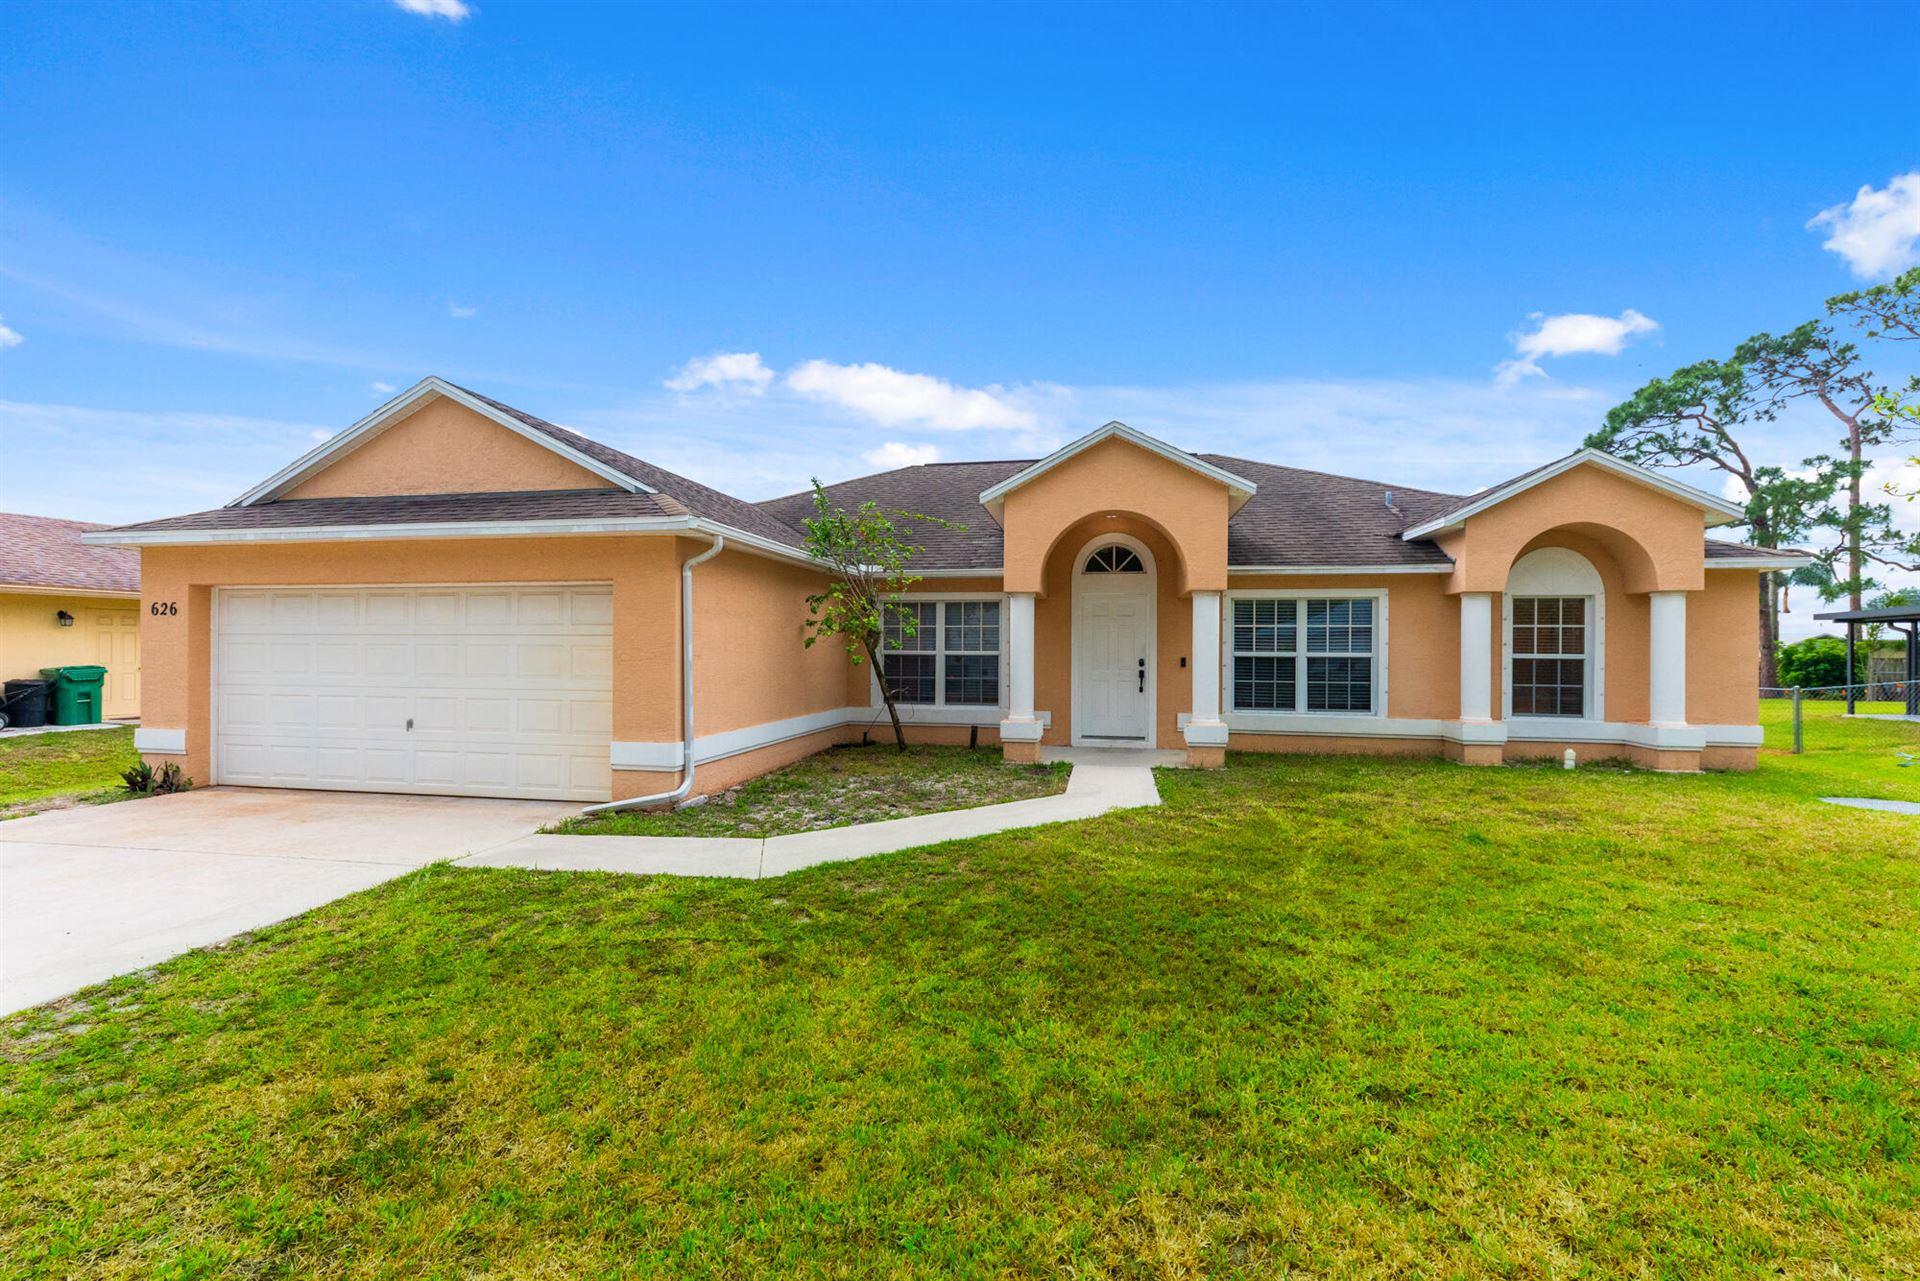 626 SE Ron Rico Terrace, Port Saint Lucie, FL 34983 - #: RX-10709697